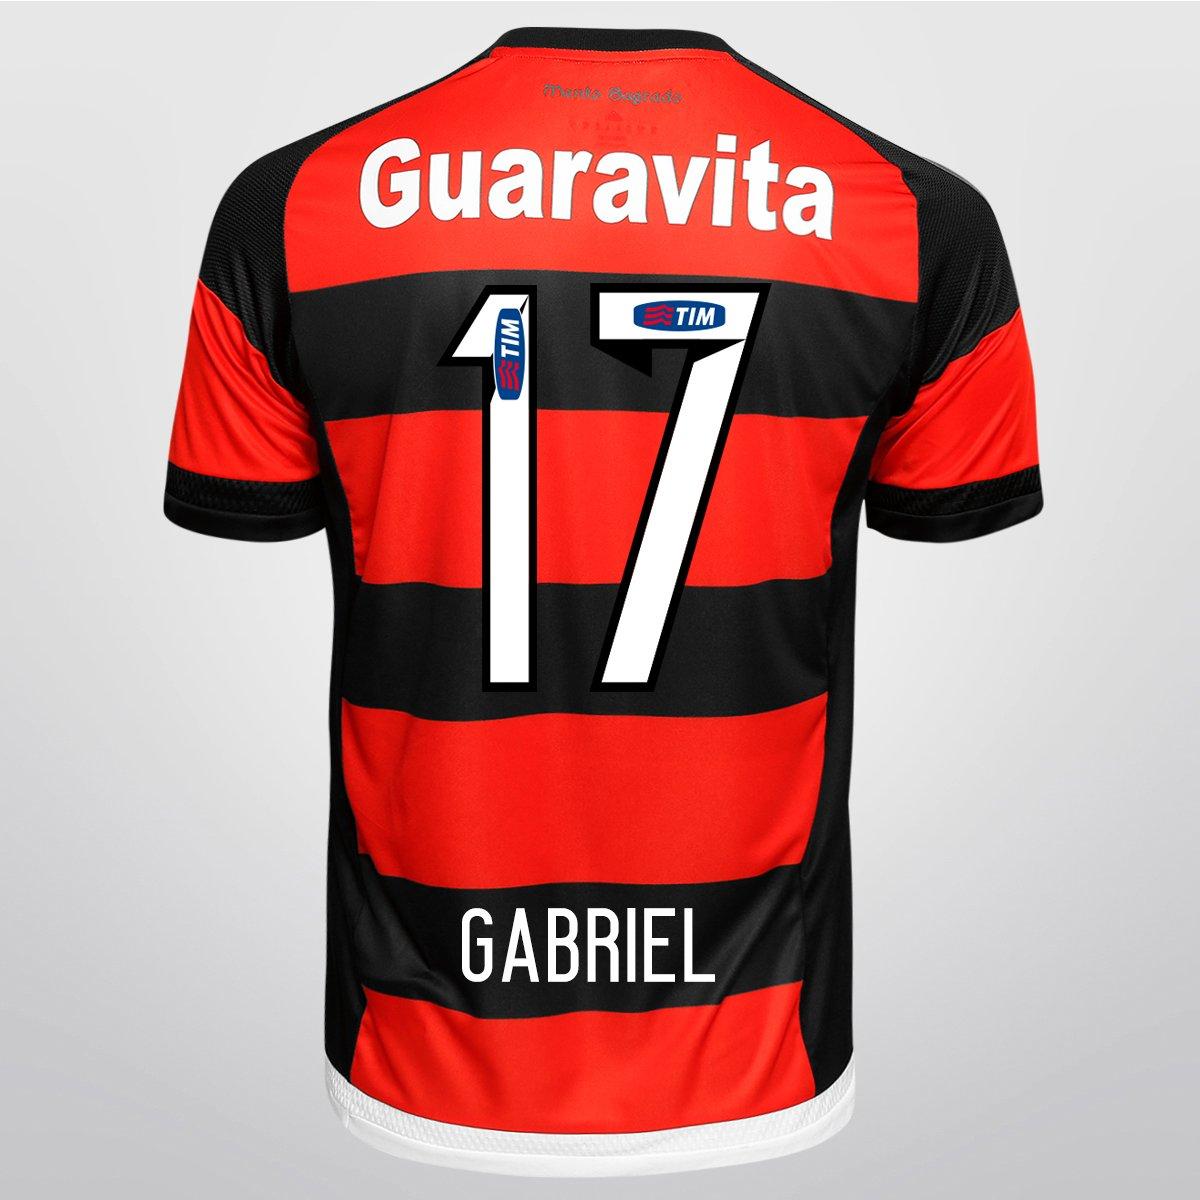 Camisa Adidas Flamengo I 15 16 nº 17 - Gabriel - Compre Agora  b2ca3904427bd